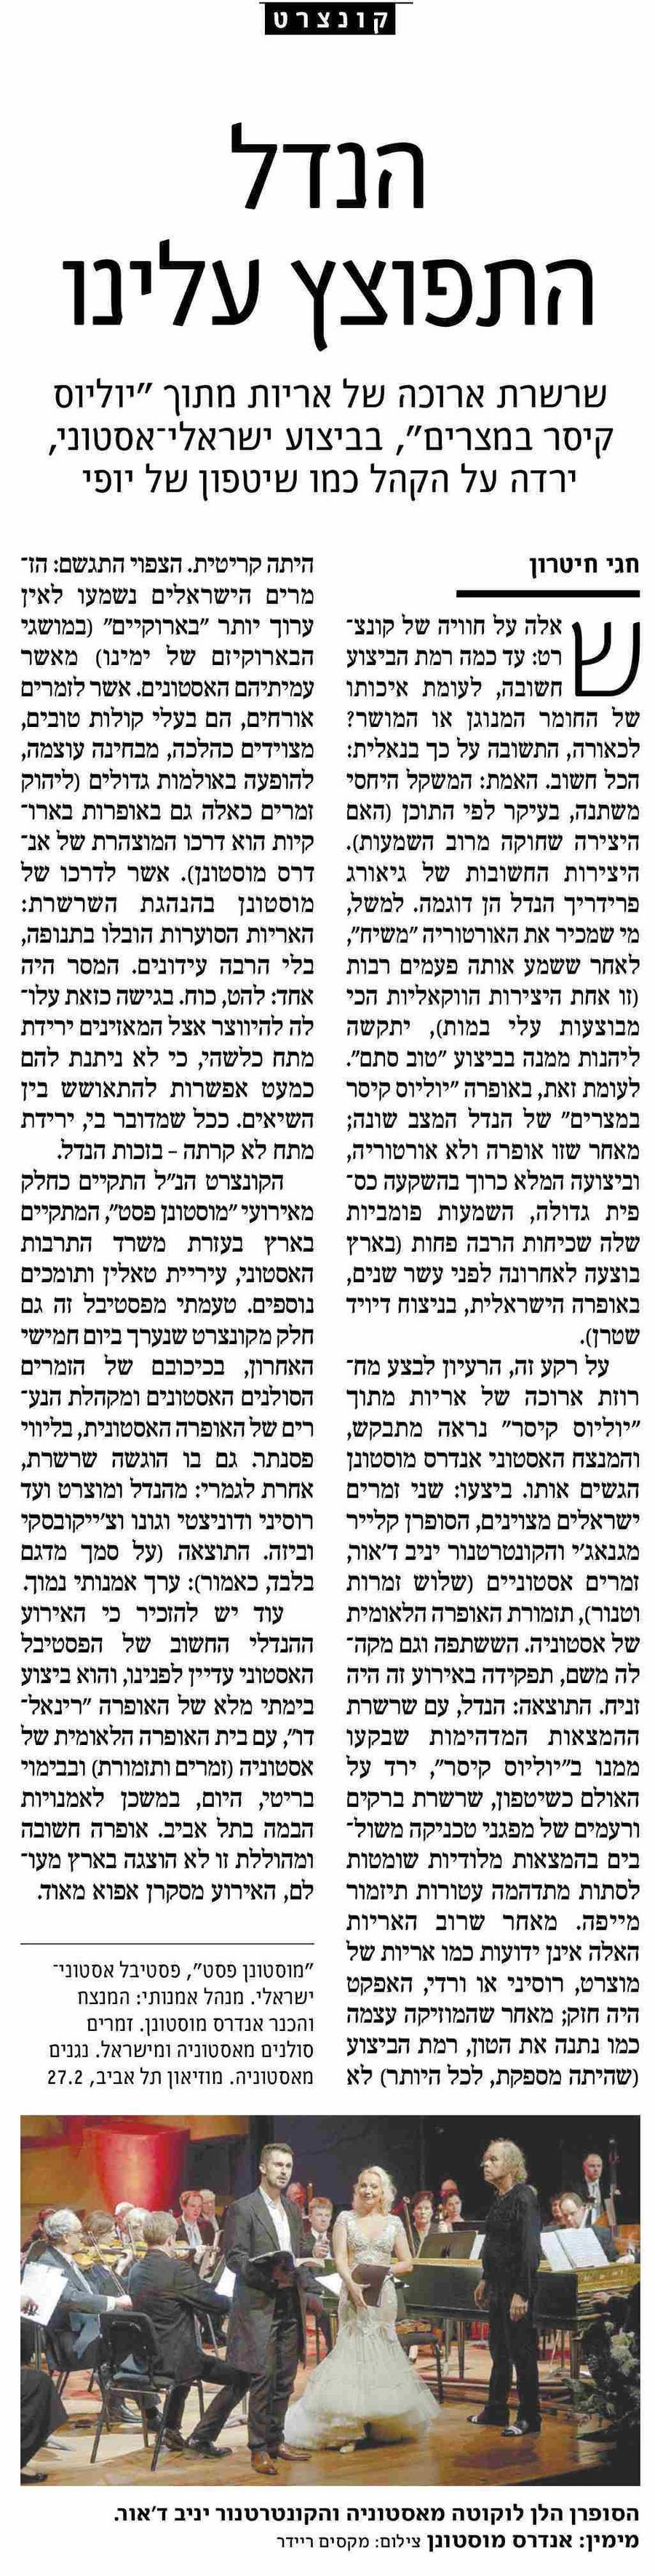 Iisrael_Haaretz_29.02